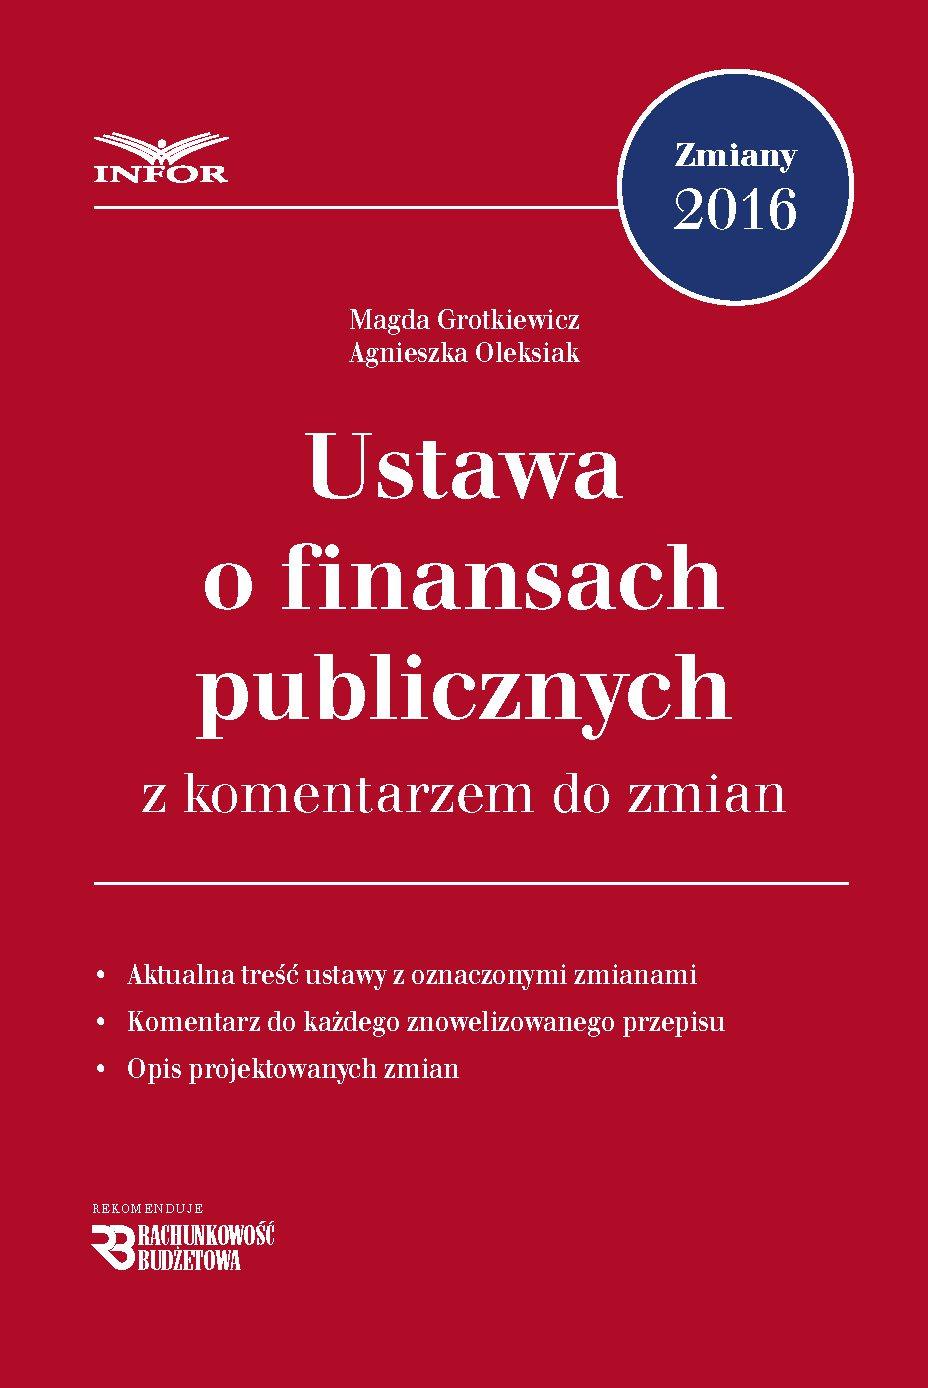 Ustawa o finansach publicznych z komentarzem do zmian - Ebook (Książka PDF) do pobrania w formacie PDF